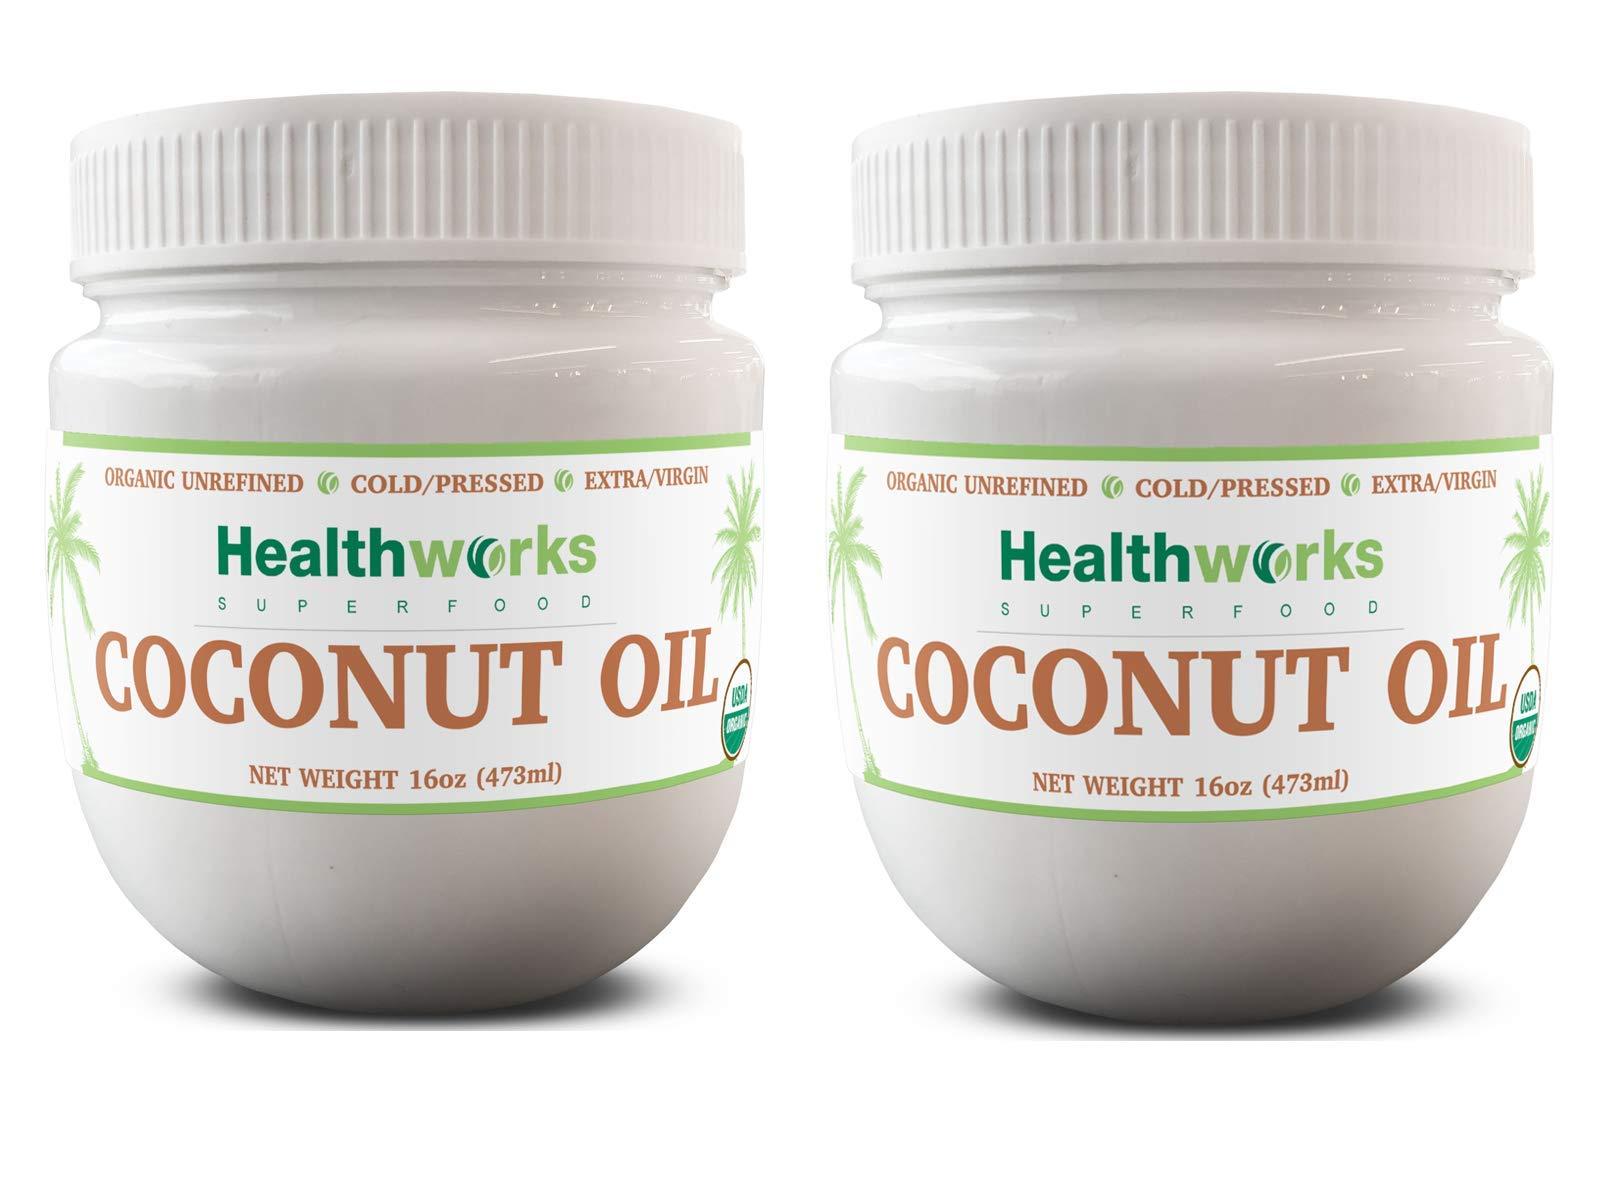 Healthworks Coconut Oil (32 Ounce / 2 Pound) (2 x 16 Ounce Jar) I Organic & Unrefined I Extra Virgin, Cold-Pressed, Keto, Vegan & Non-GMO